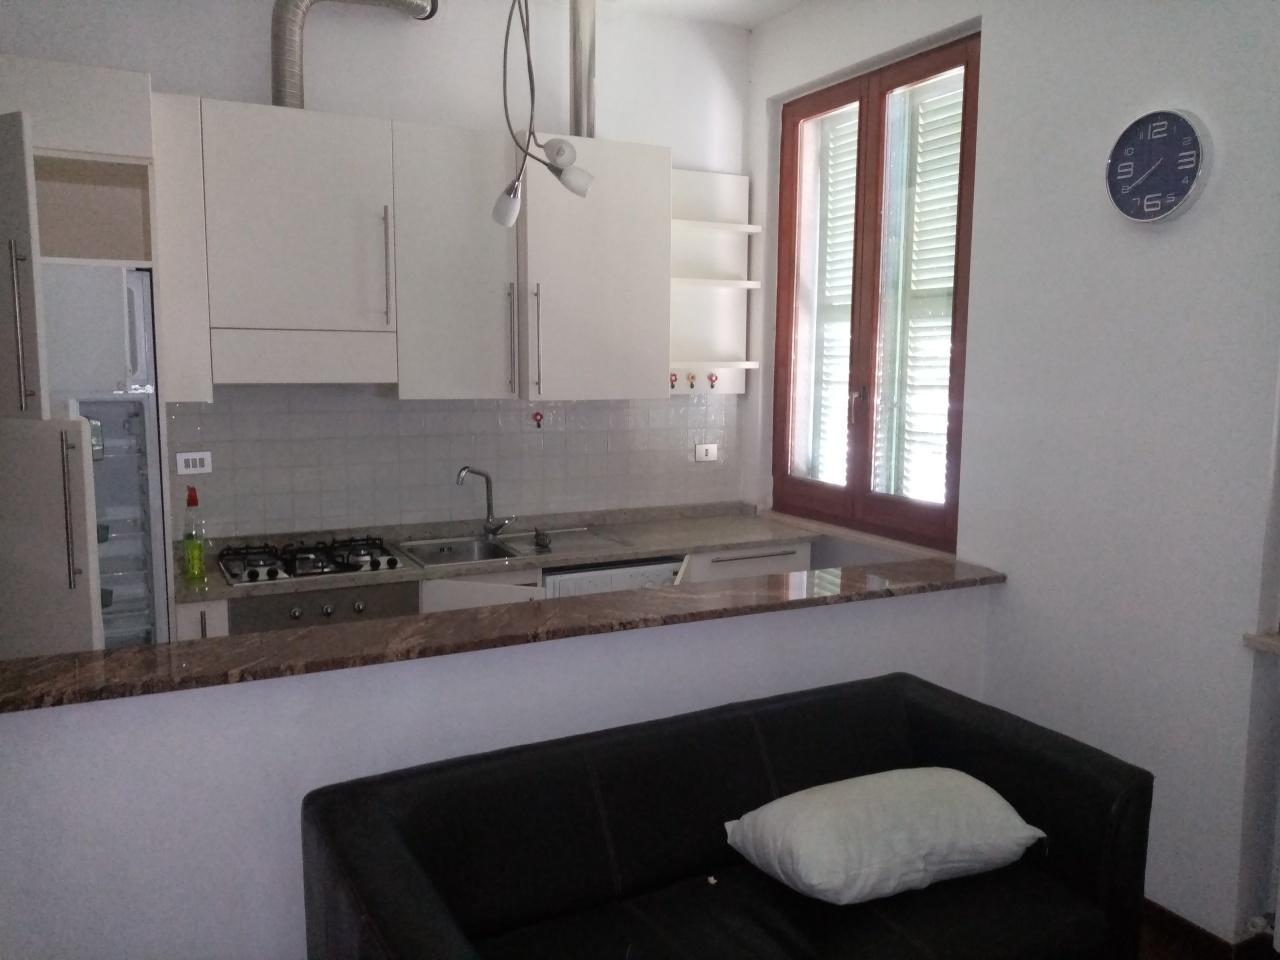 Appartamento in affitto a Terni, 3 locali, prezzo € 450 | CambioCasa.it